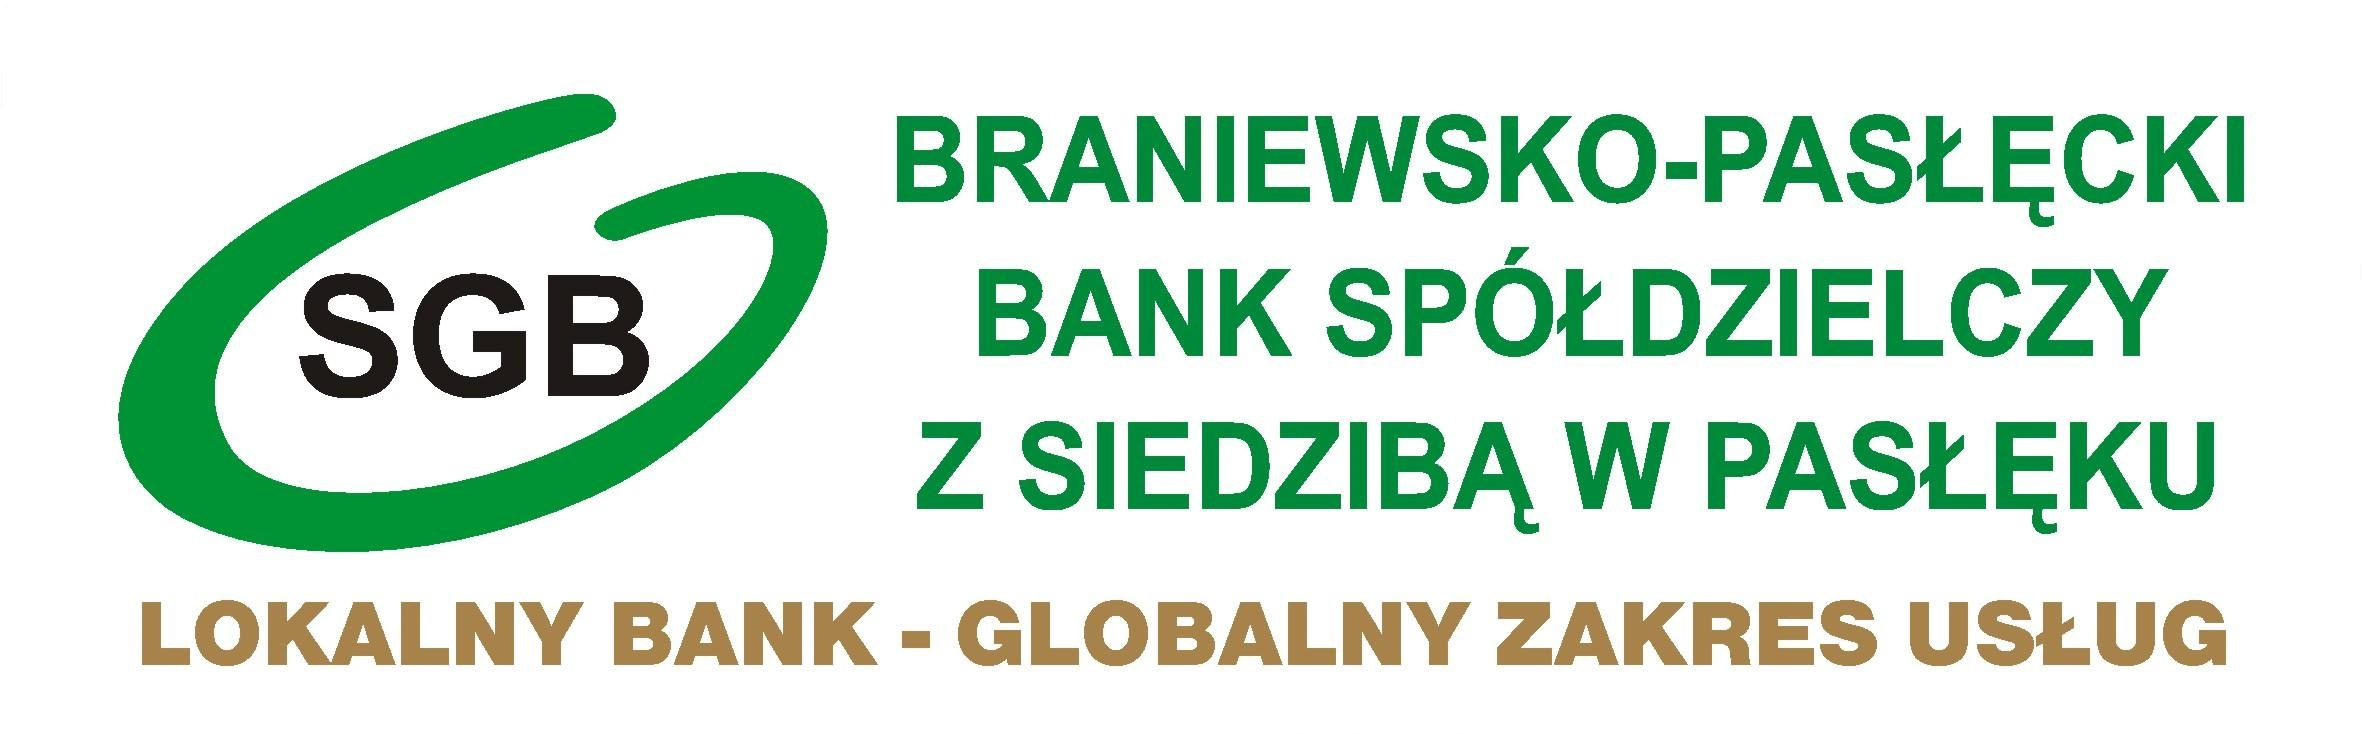 Polityka informacyjna - Braniewsko-Pasłęcki Bank Spółdzielczy z siedzibą w Pasłęku